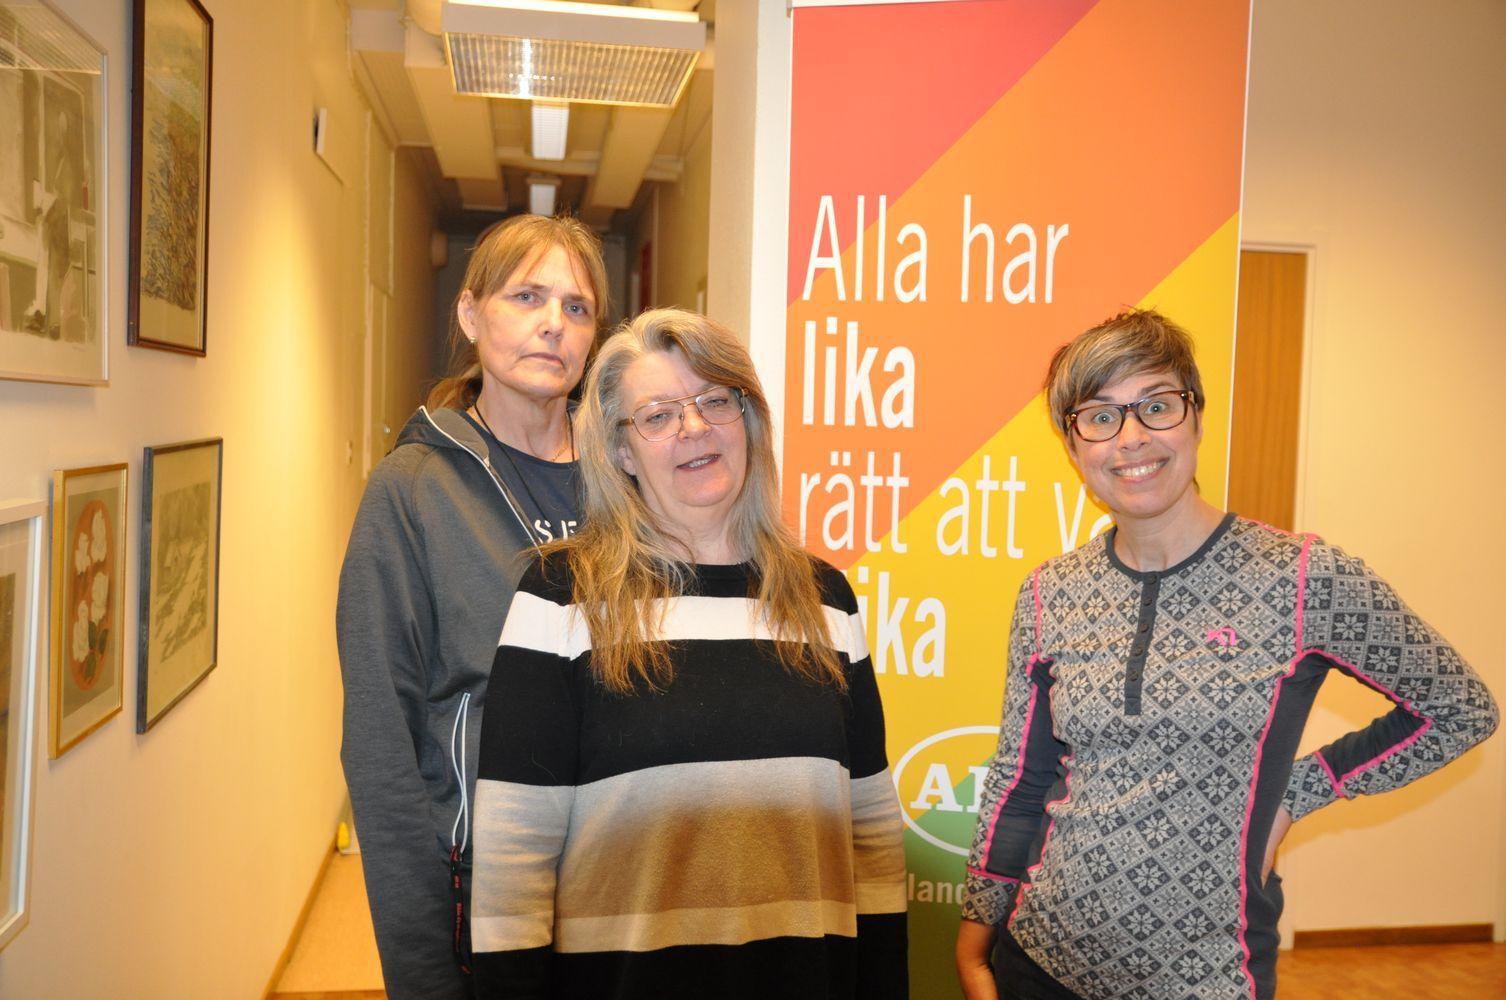 Styrelsen för RSMH i Strömsund fr. Malou Mattsson kassör, Marie Lundquist ordförande och Månica Näslund sekreterare. Foto: Cathrine Blixth.